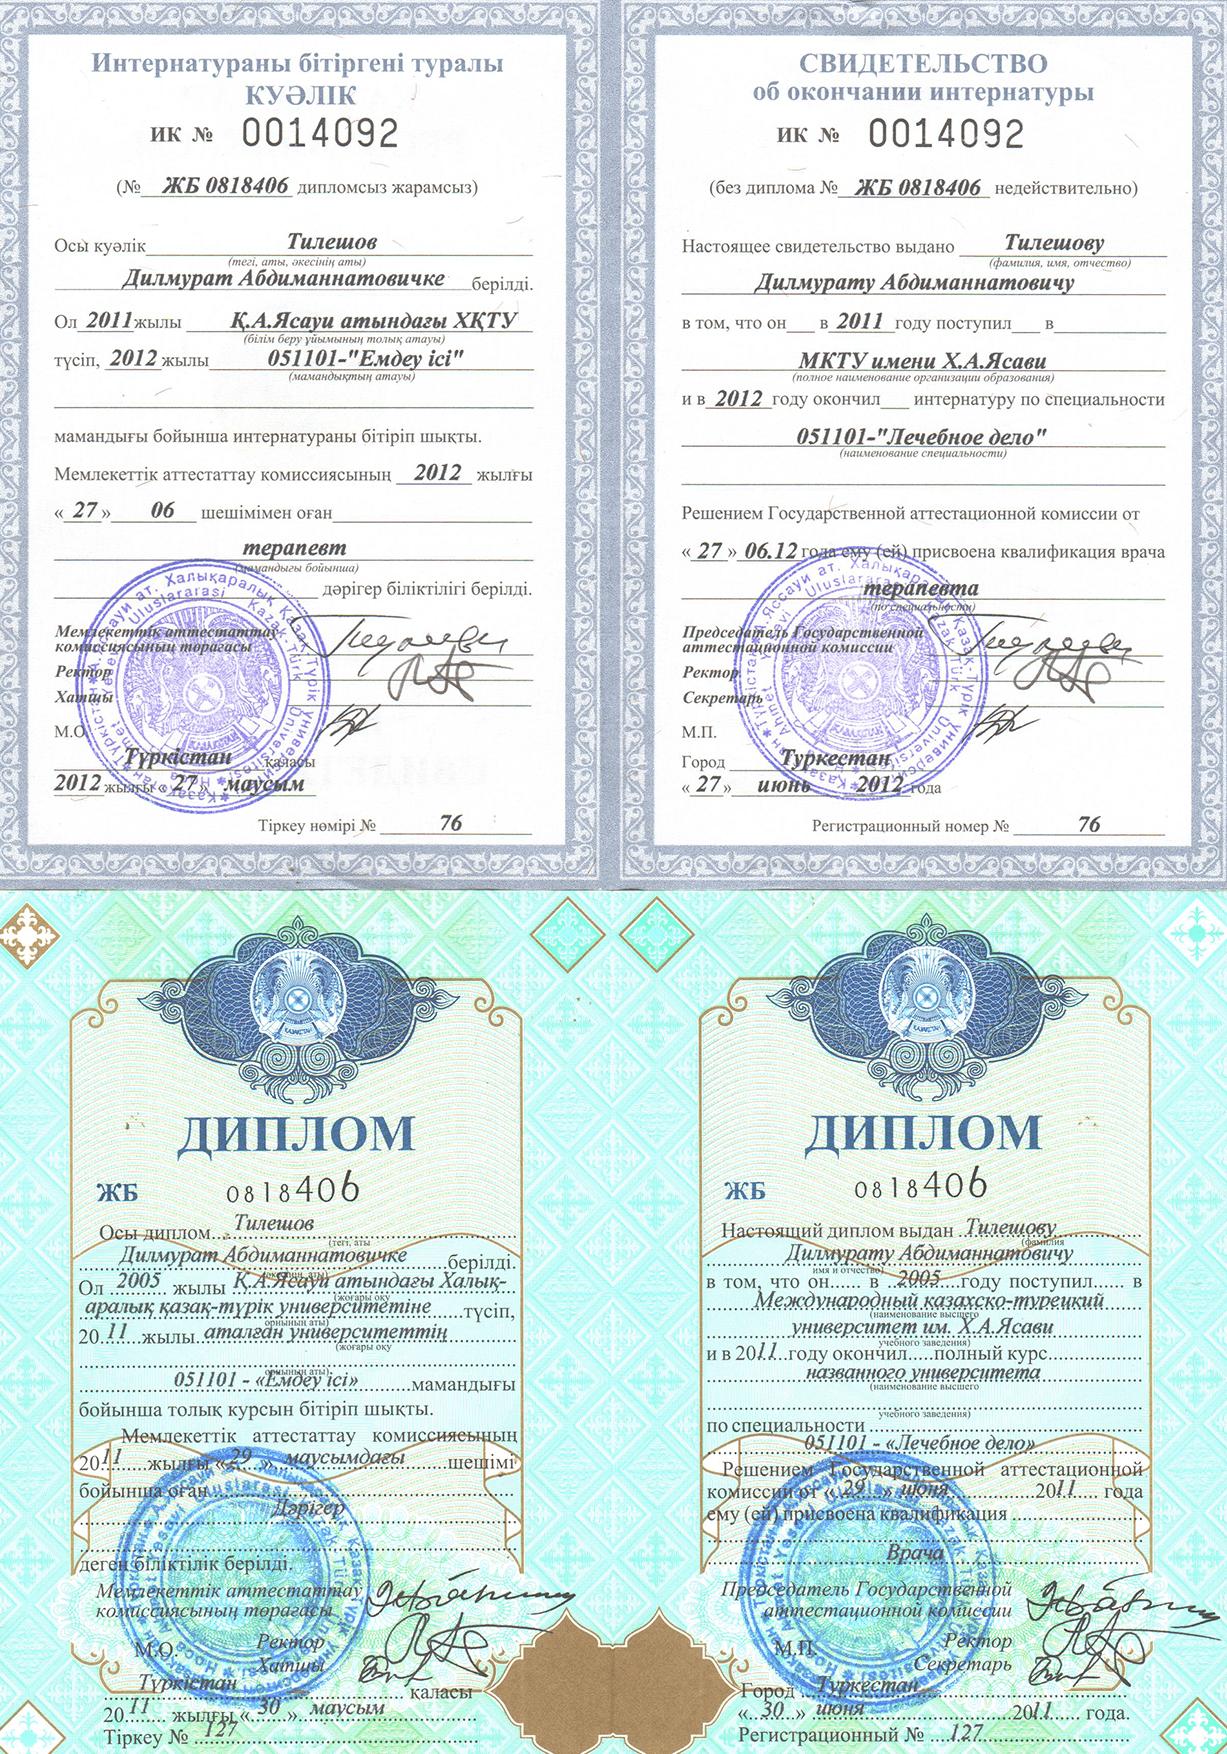 Диплом Интерна Рентген клиники Akniet Shipa сайрамский р-н. с. Карабулак